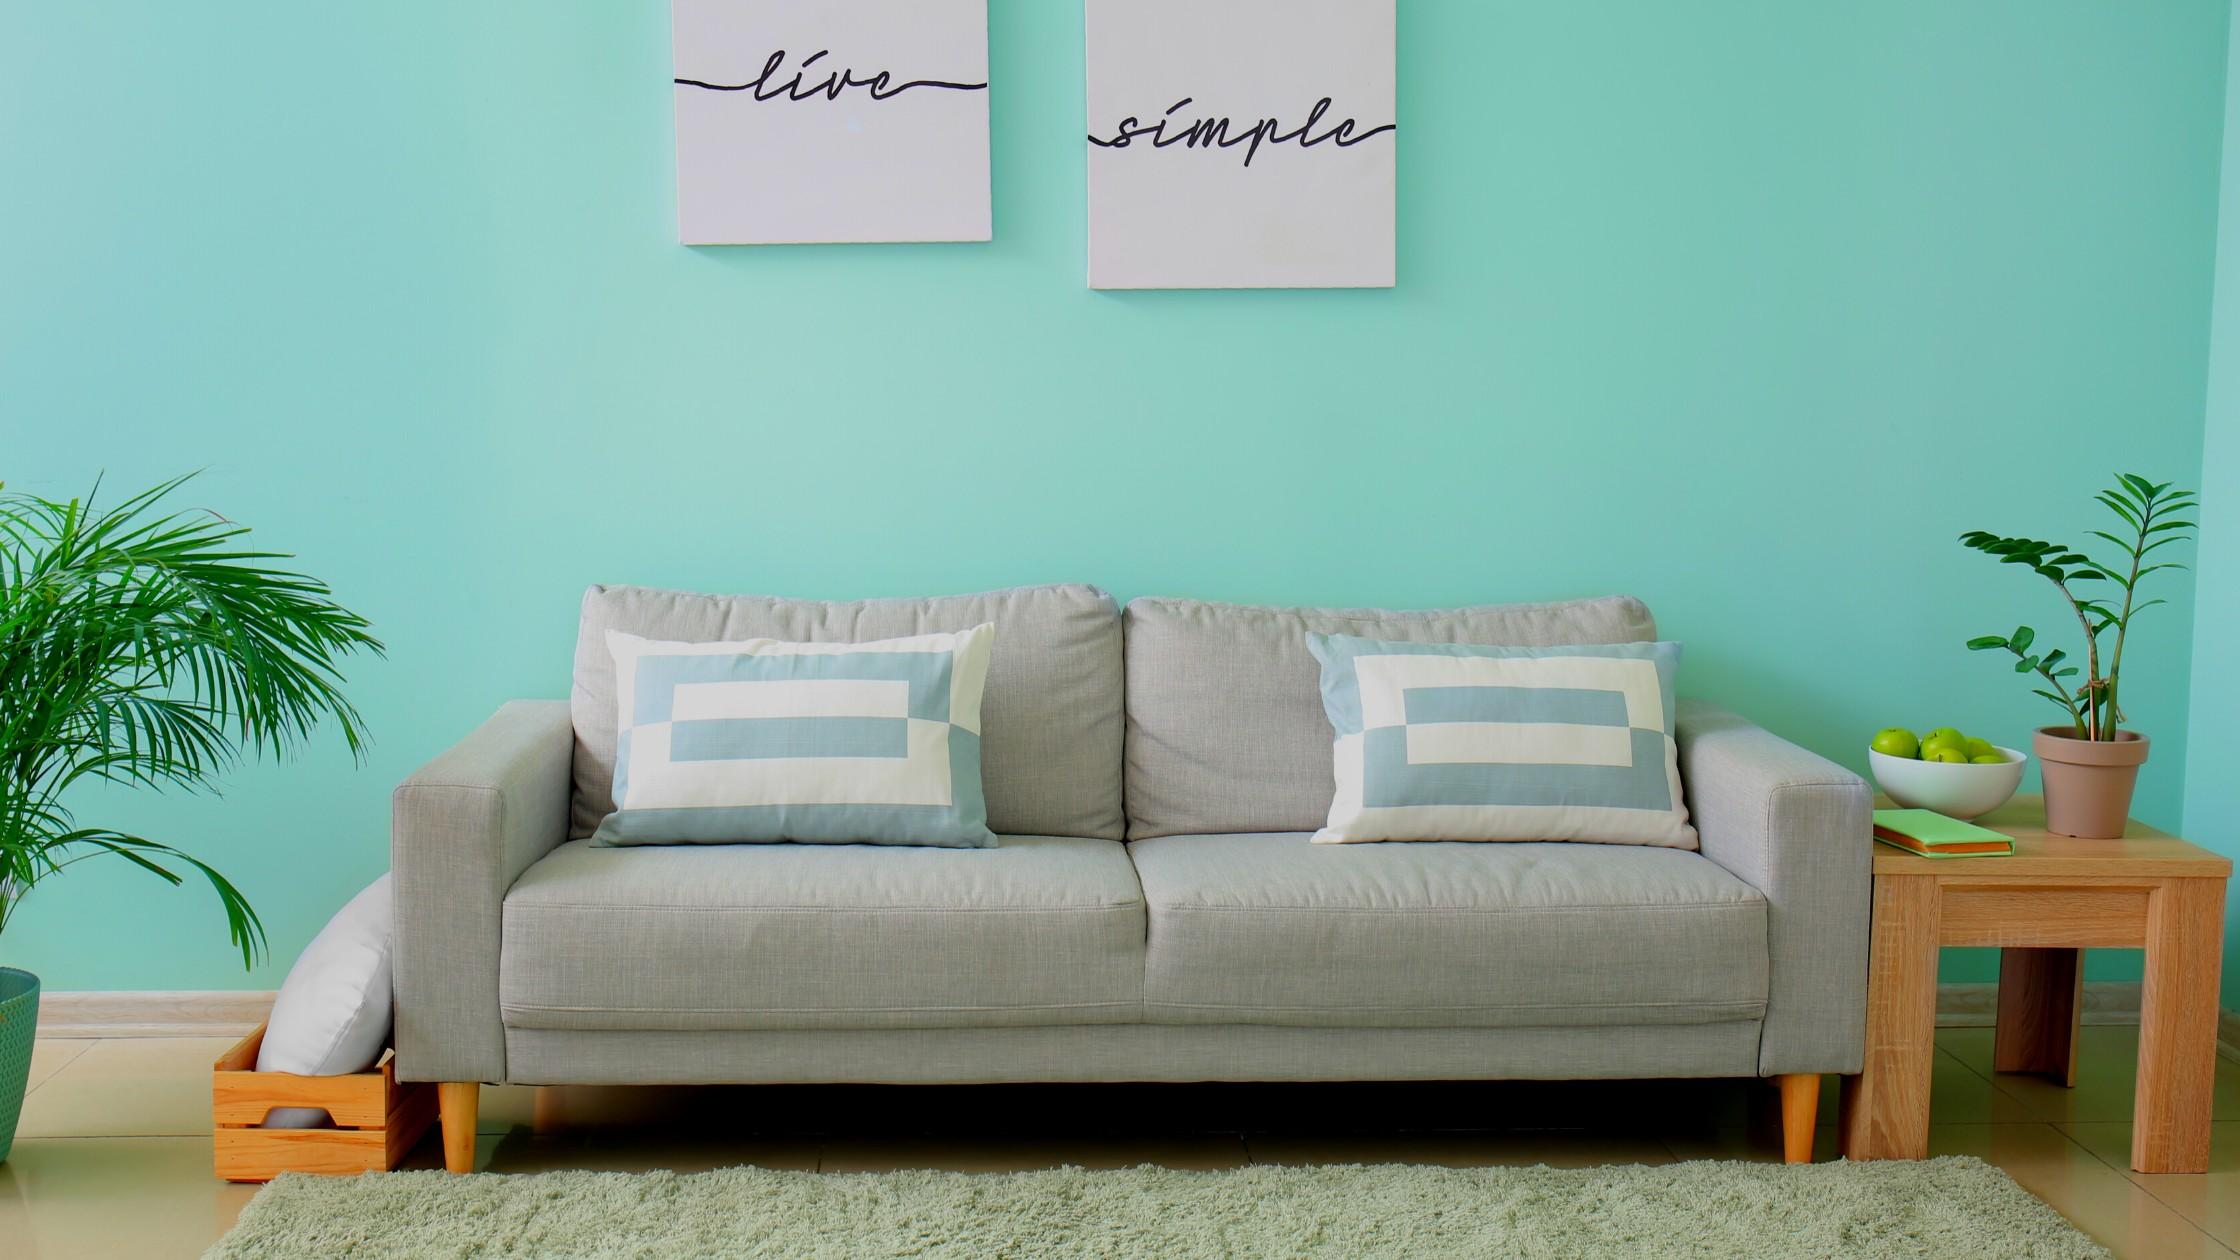 Mint + Pale Gray Decor & Design.